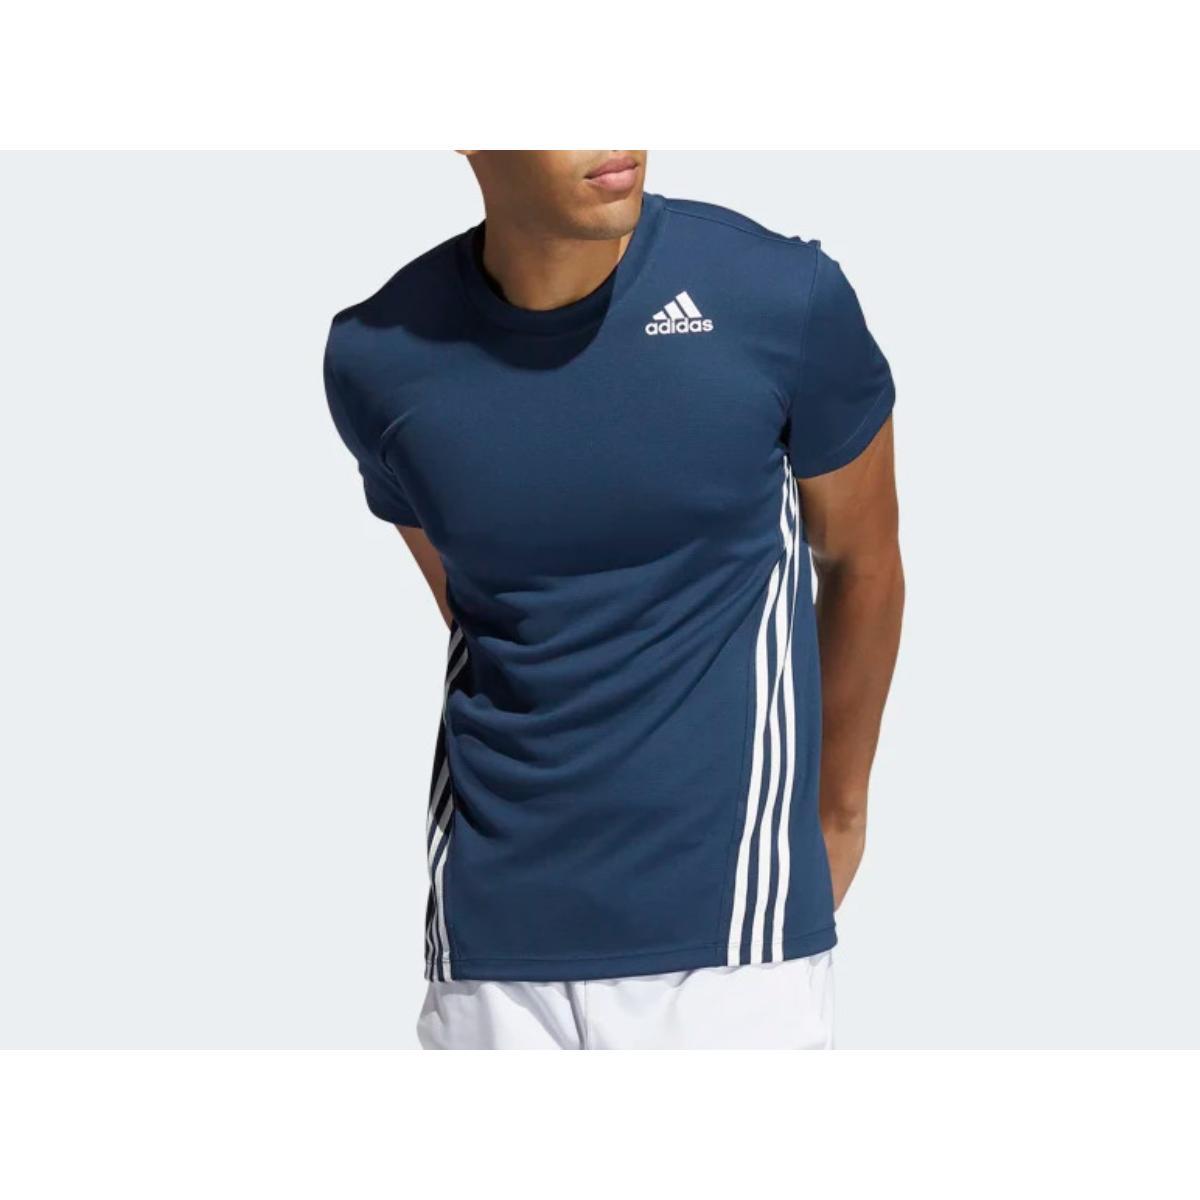 Camiseta Masculina Adidas Gm1066 Aero Marinho